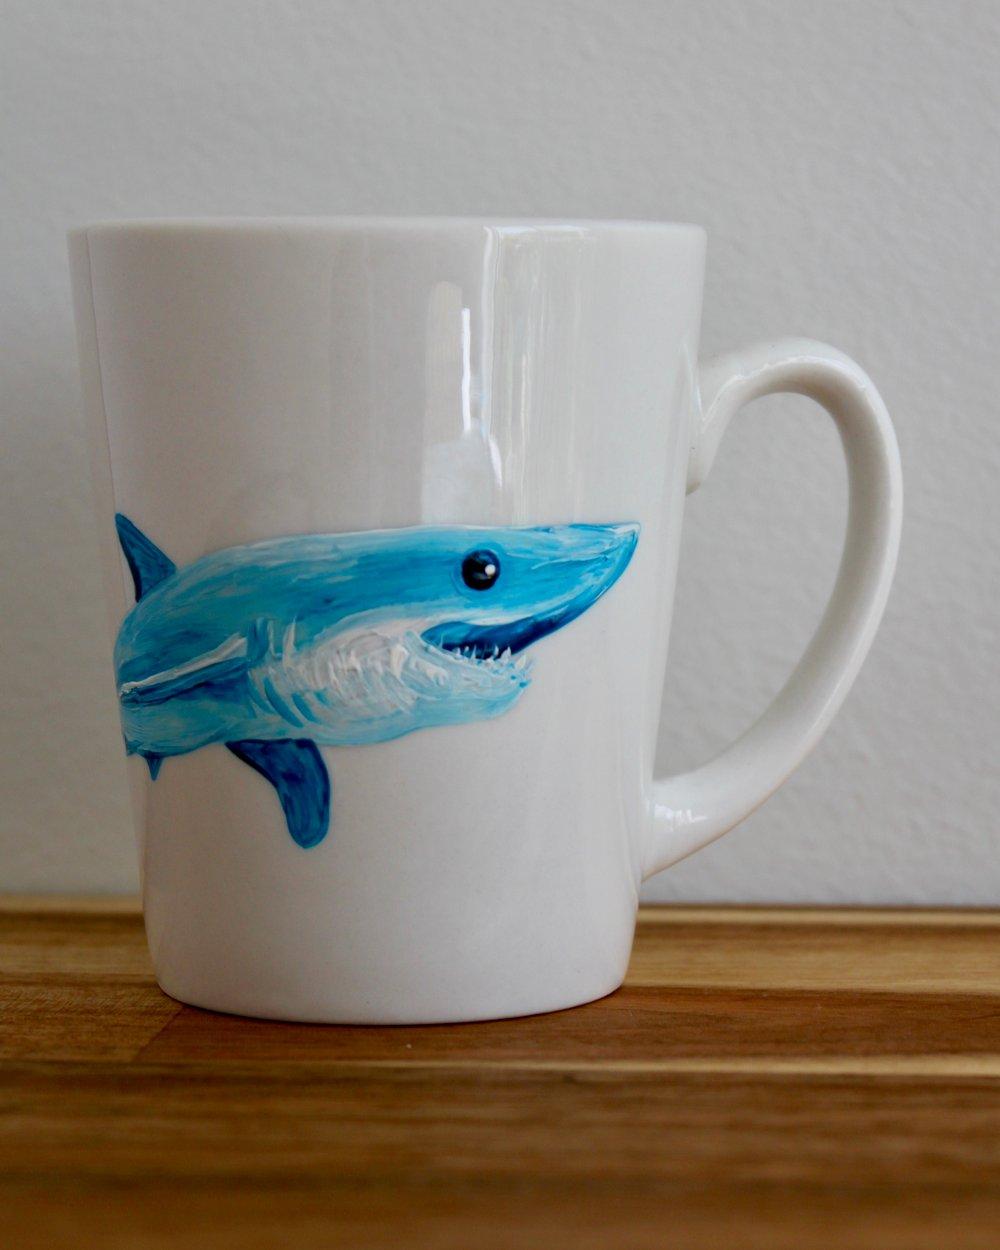 Mako Shark Mug